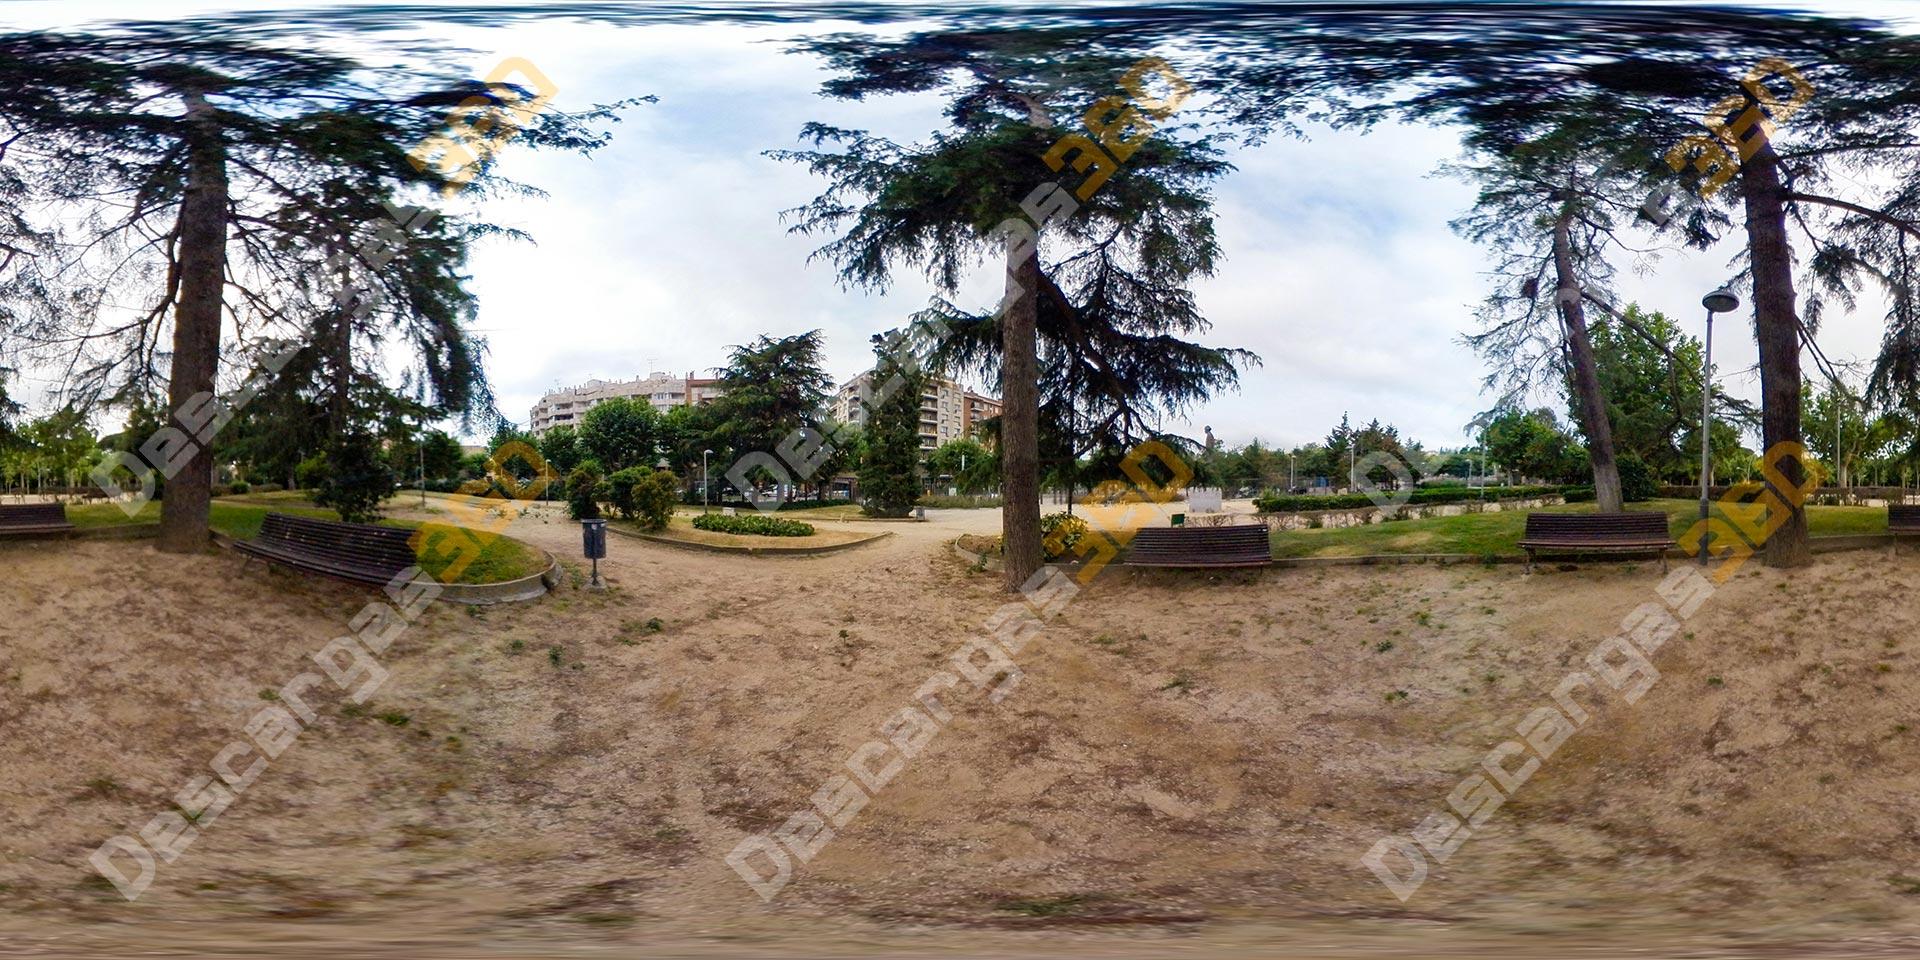 Bancos-entre-pinos-en-parque-360-Naturaleza---Descargas360_preview